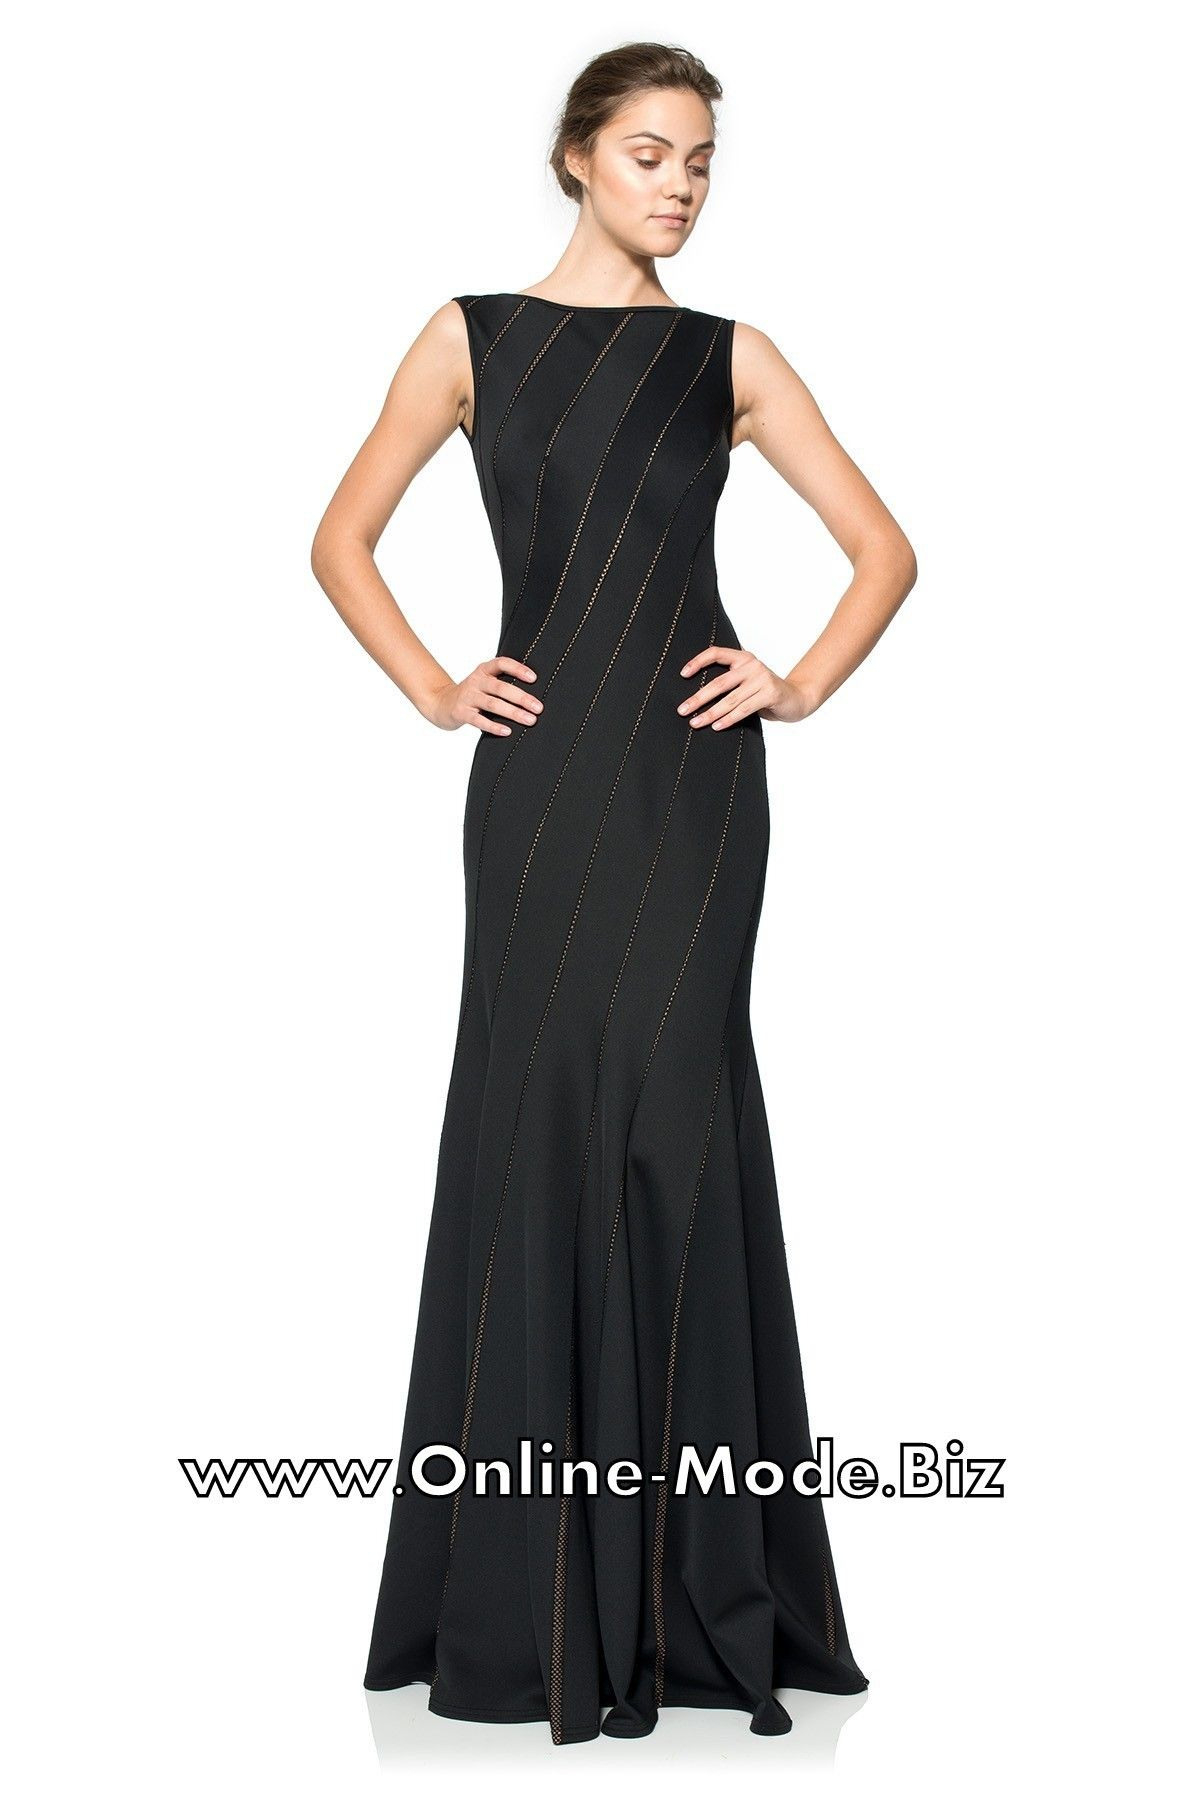 Einfach Abendkleid Xxl Online Bester PreisAbend Perfekt Abendkleid Xxl Online Spezialgebiet